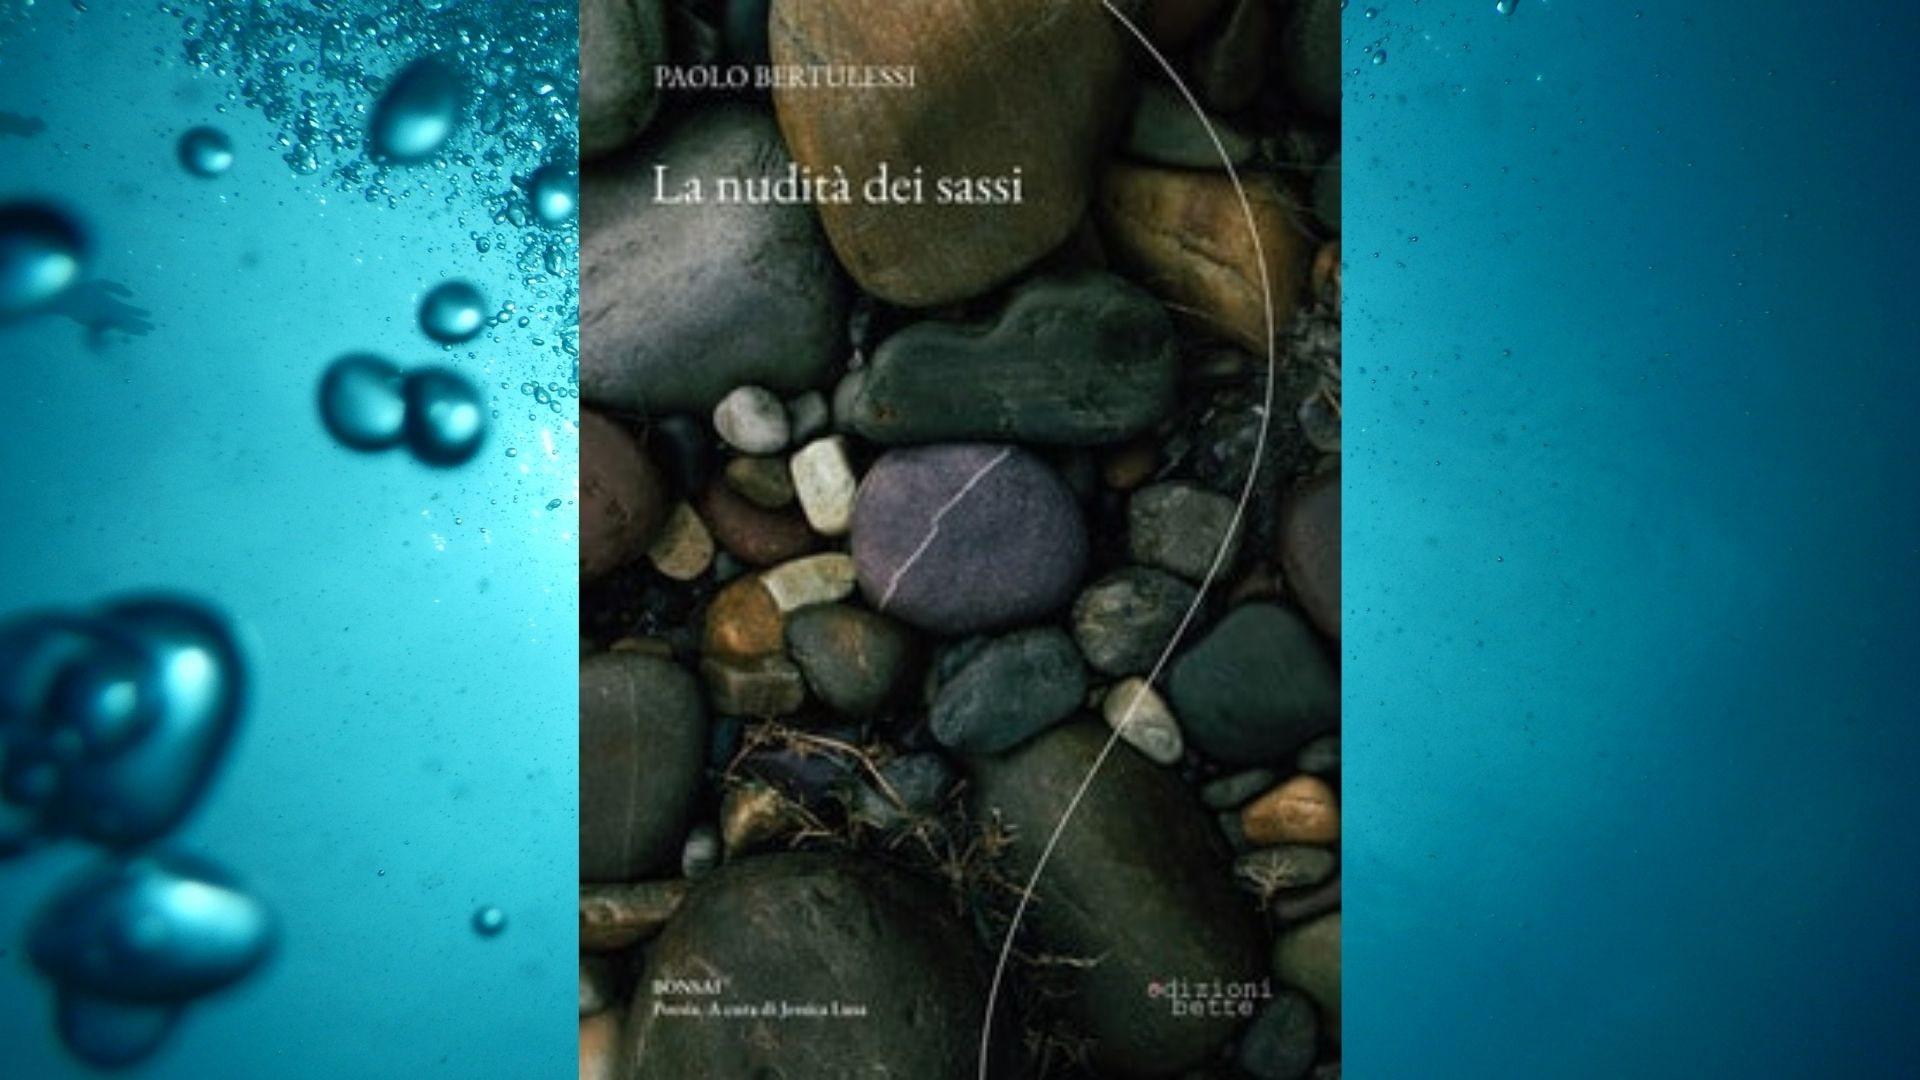 La nudità dei sassi di Paolo Bertulessi - Recensione